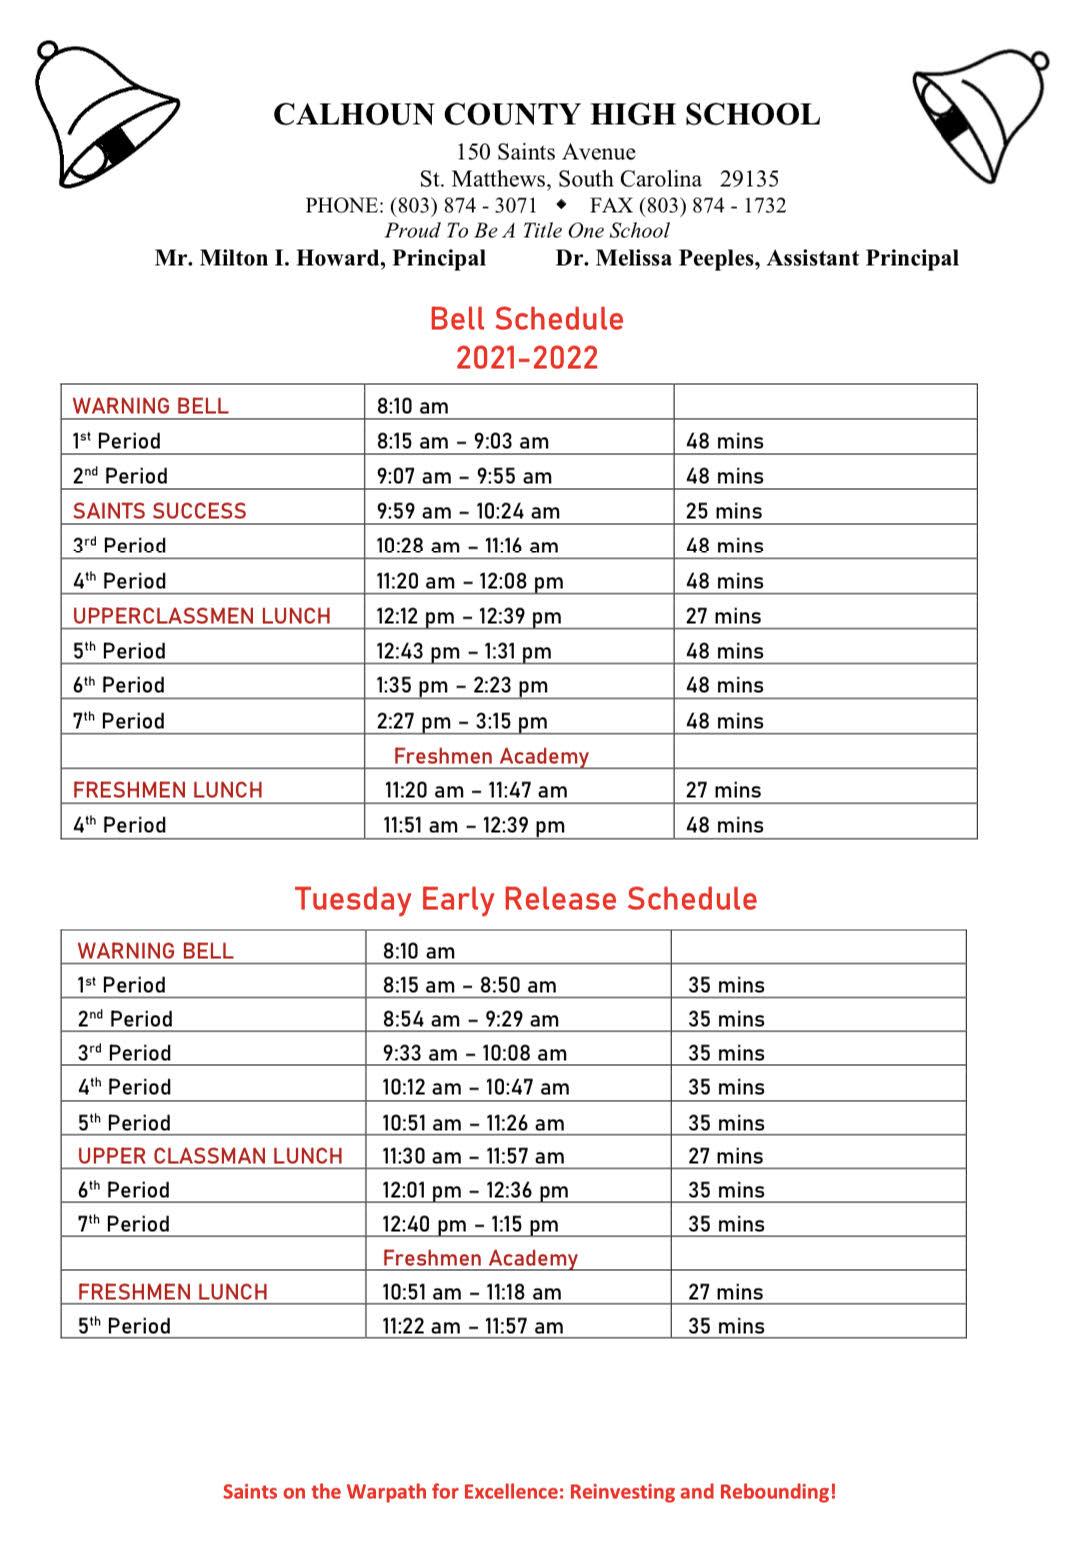 CCHS 2021-2022 Bell Schedule